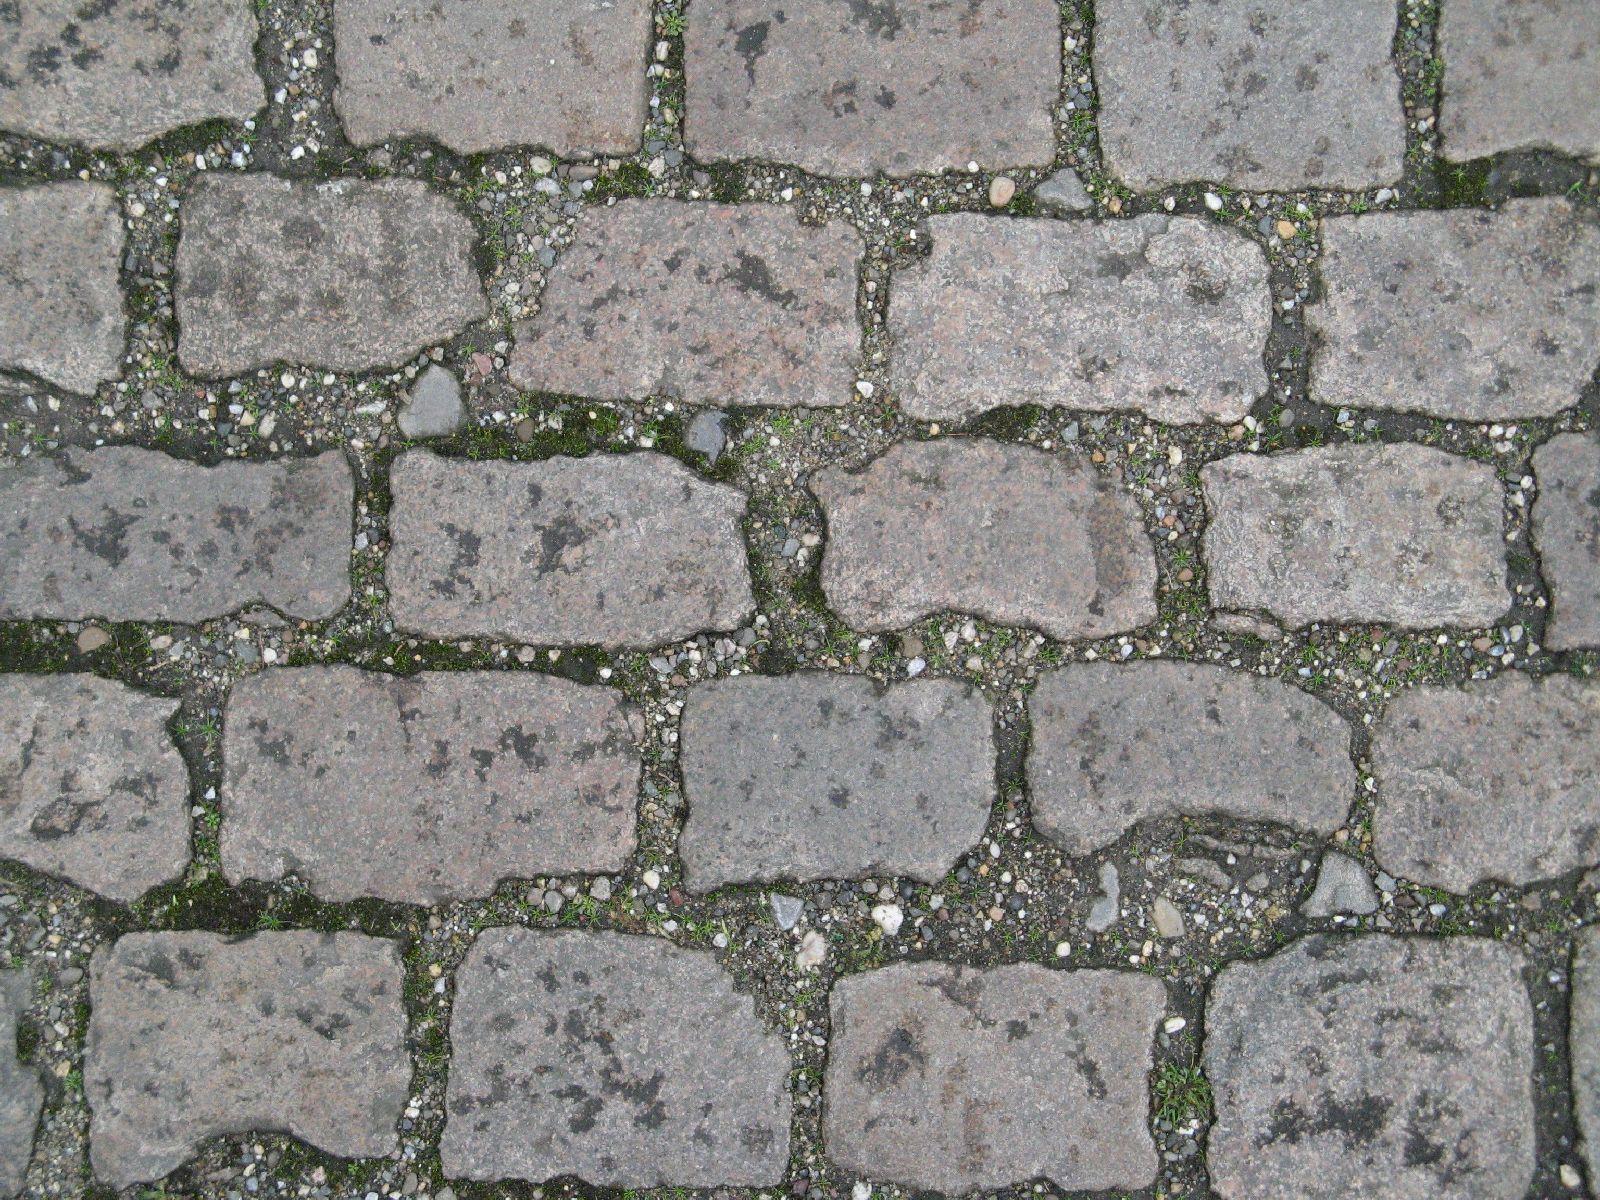 Ground-Urban_Texture_B_02054